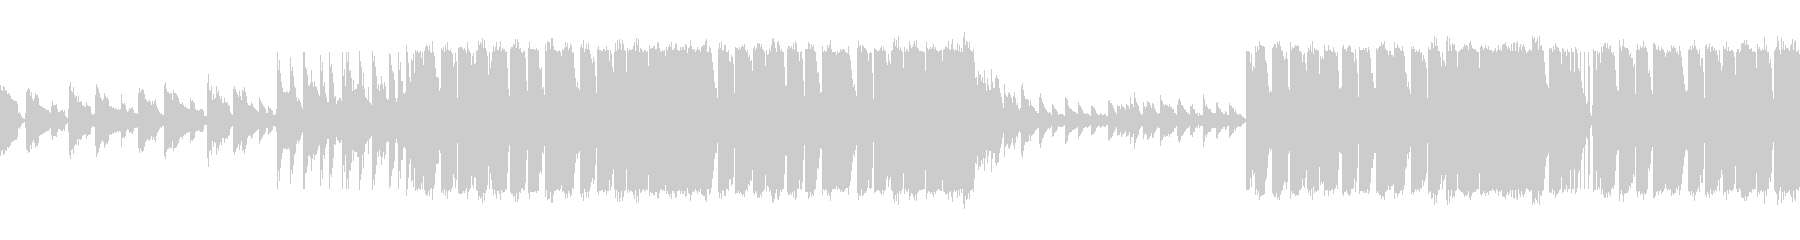 ピアノとバイオリンがあるクラシックEDMの未再生の波形